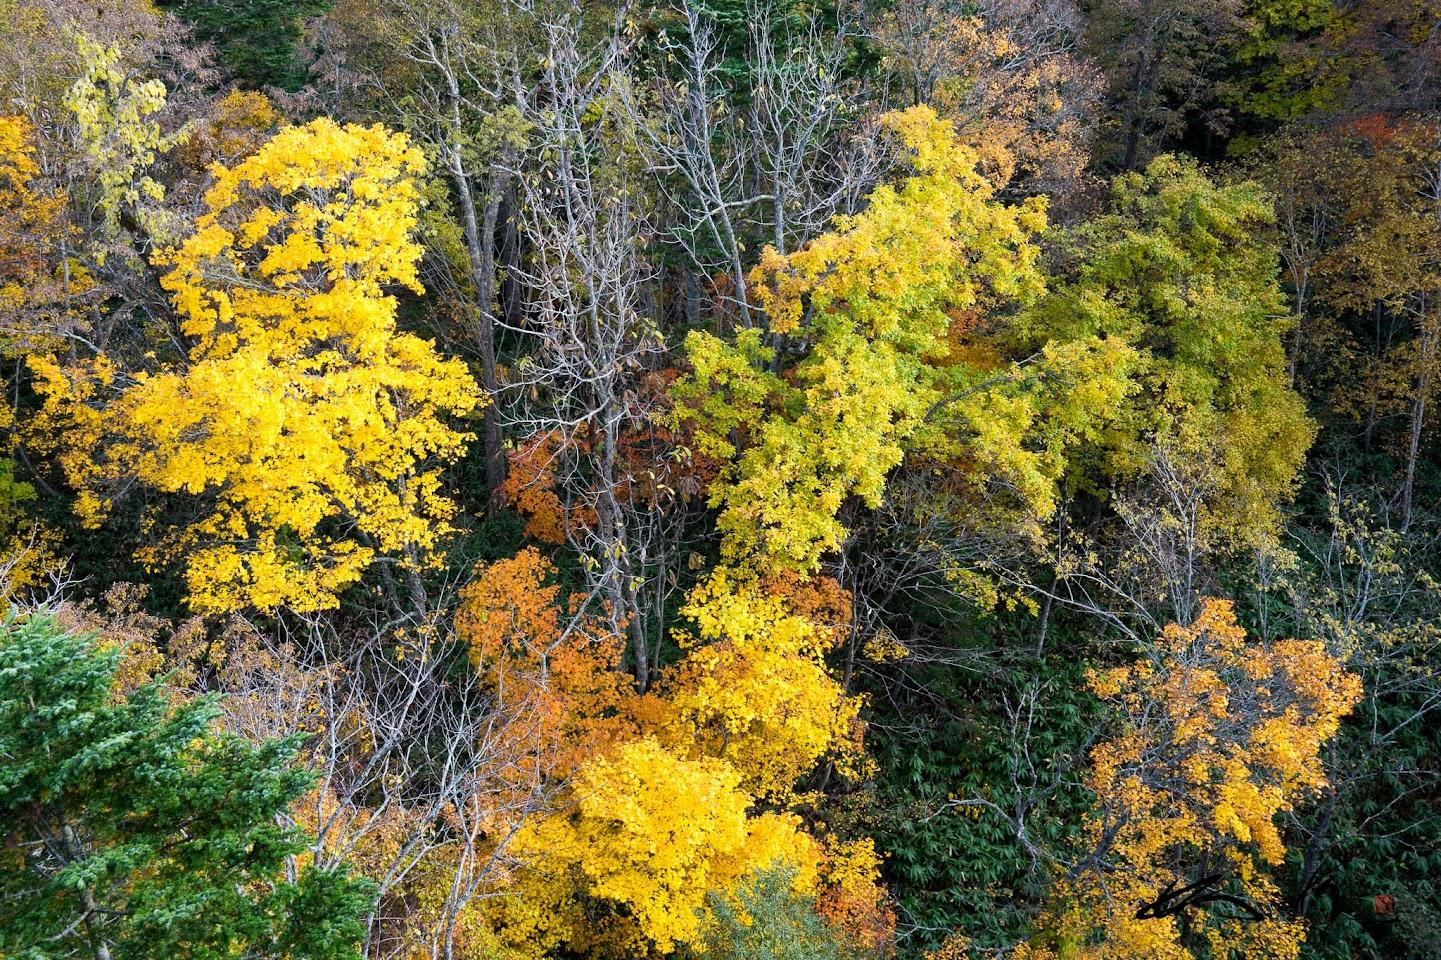 錦織り成す秋の風景